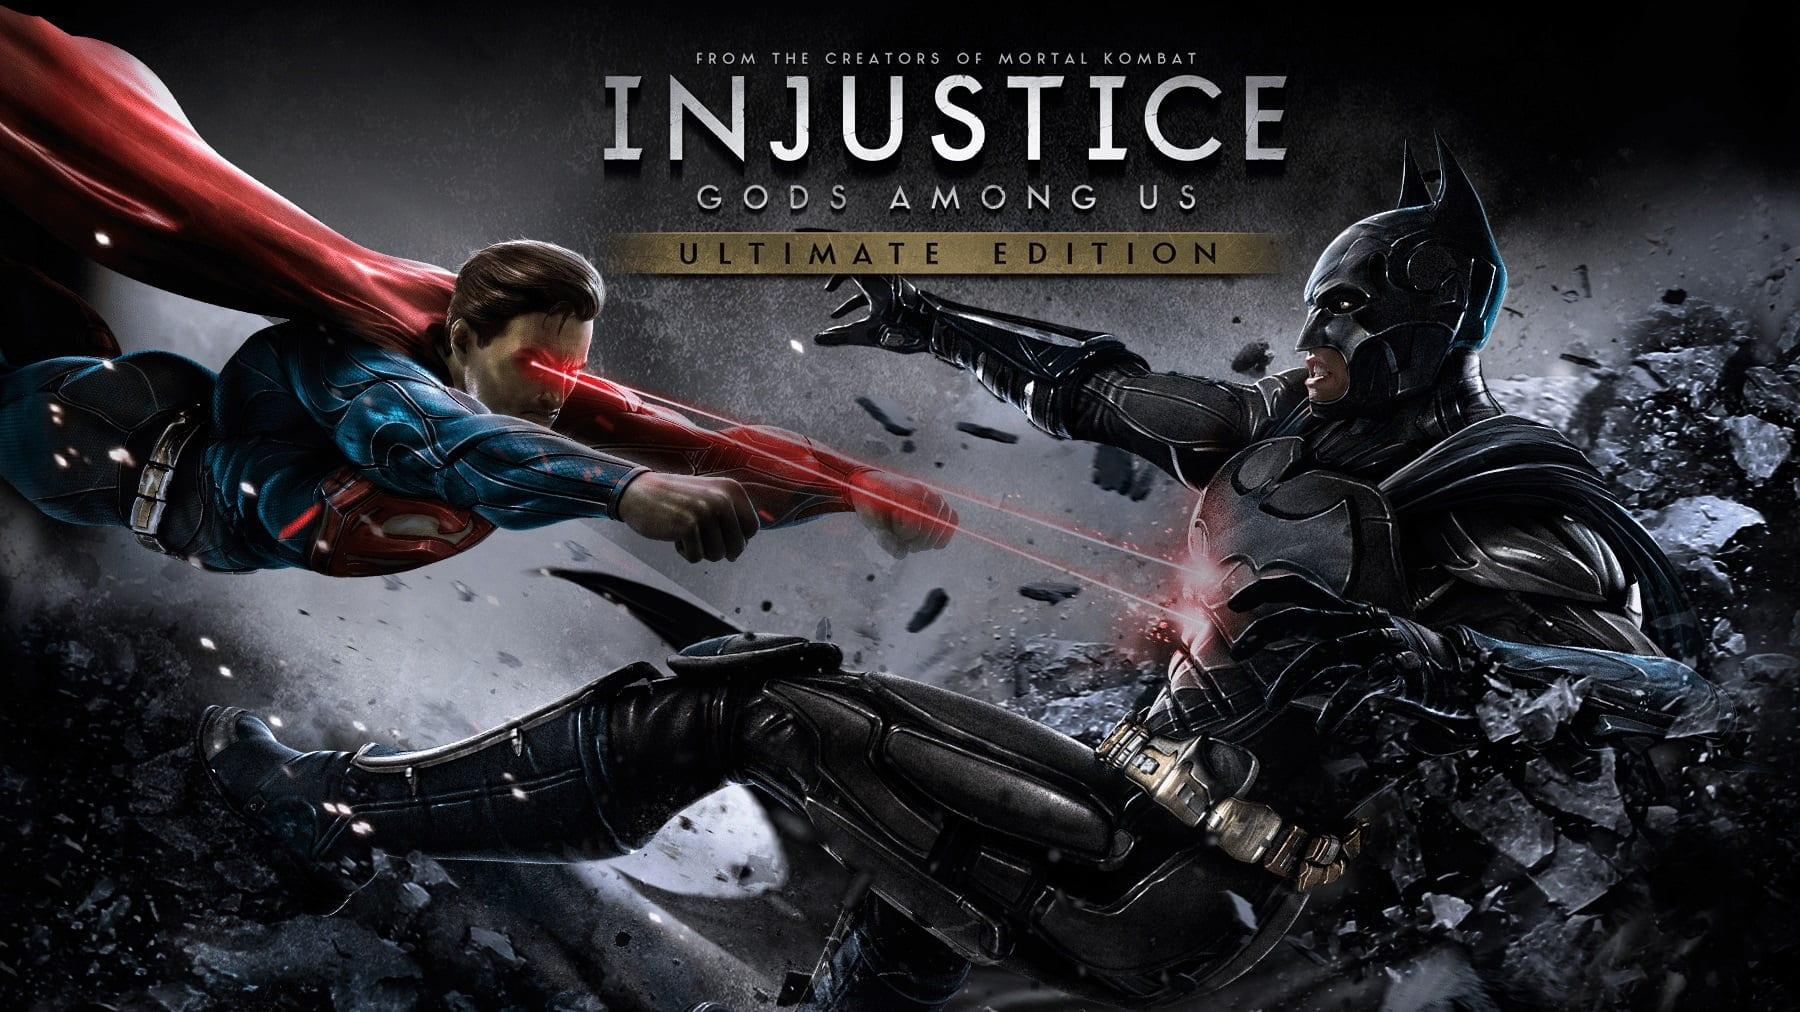 Компания WB Games раздает бесплатно файтинг Injustice: Gods Among